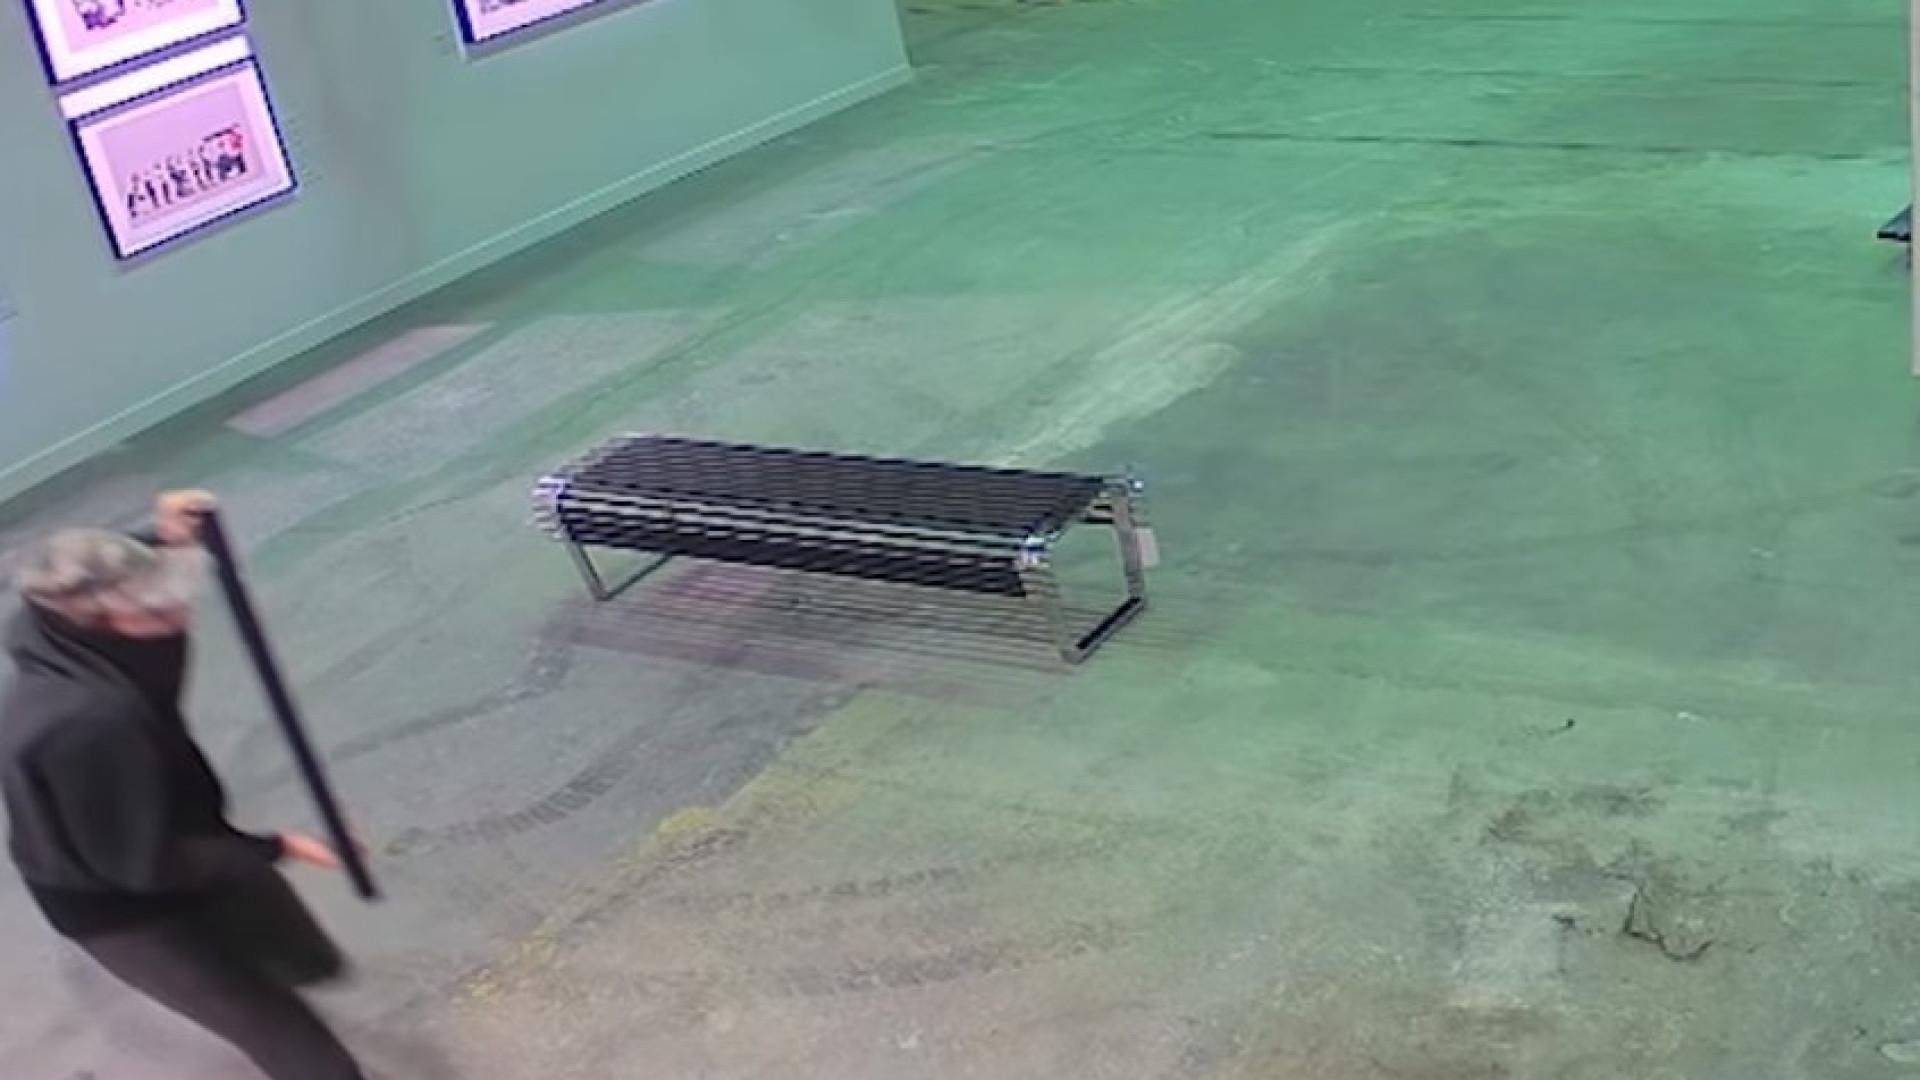 Gravura de Bansky roubada de exposição em Toronto 41d4750be8a